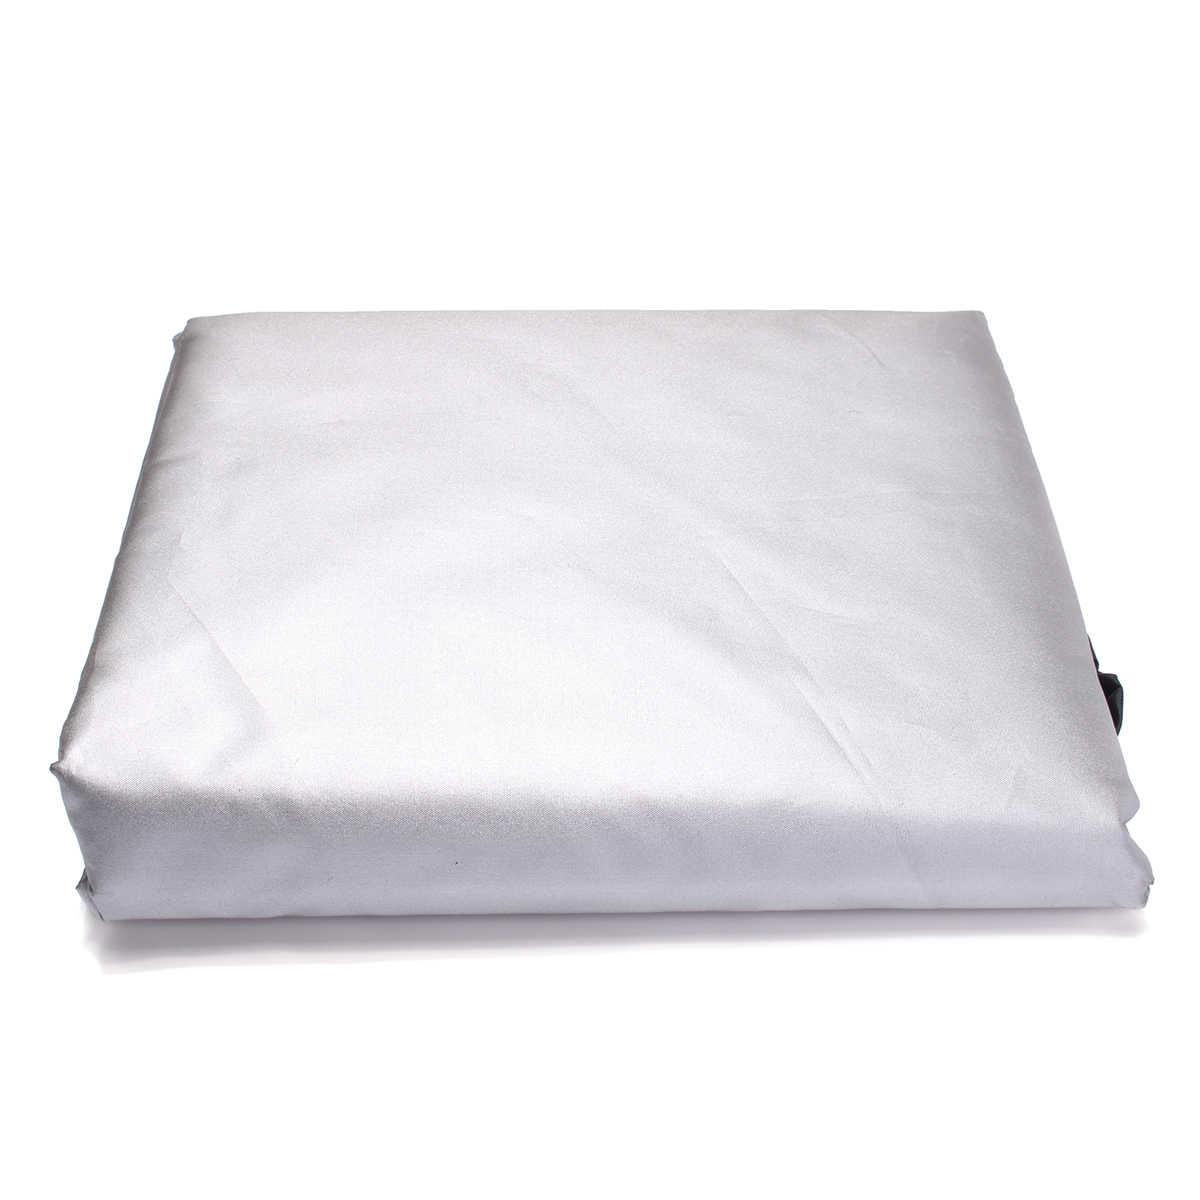 36 حجم غطاء في الهواء الطلق مقاوم للماء الأثاث غطاء أريكة كرسي غطاء الطاولة حديقة الباحة الشاطئ حامي المطر الثلوج الغبار يغطي